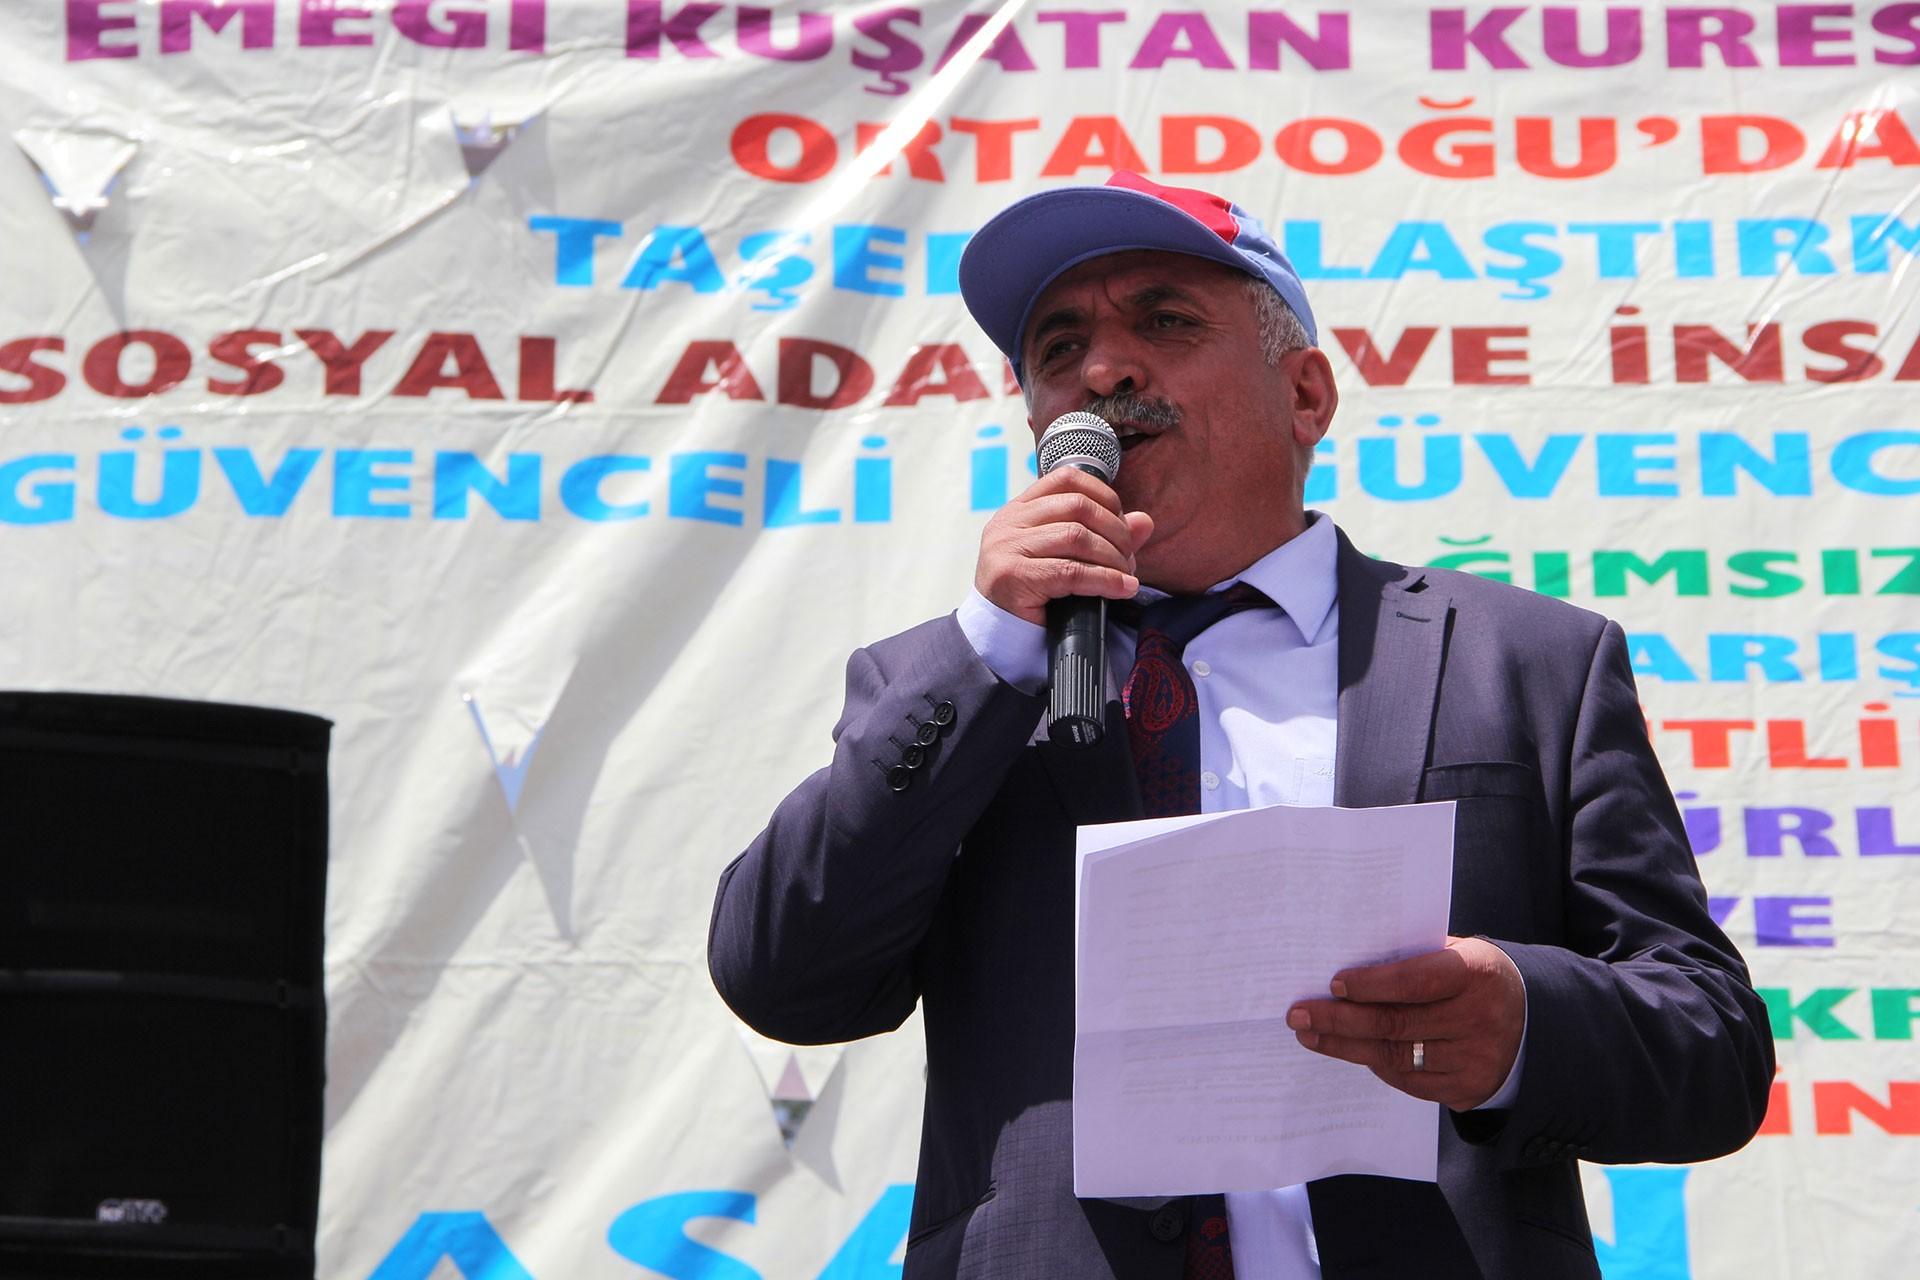 Mahmut Canyurt